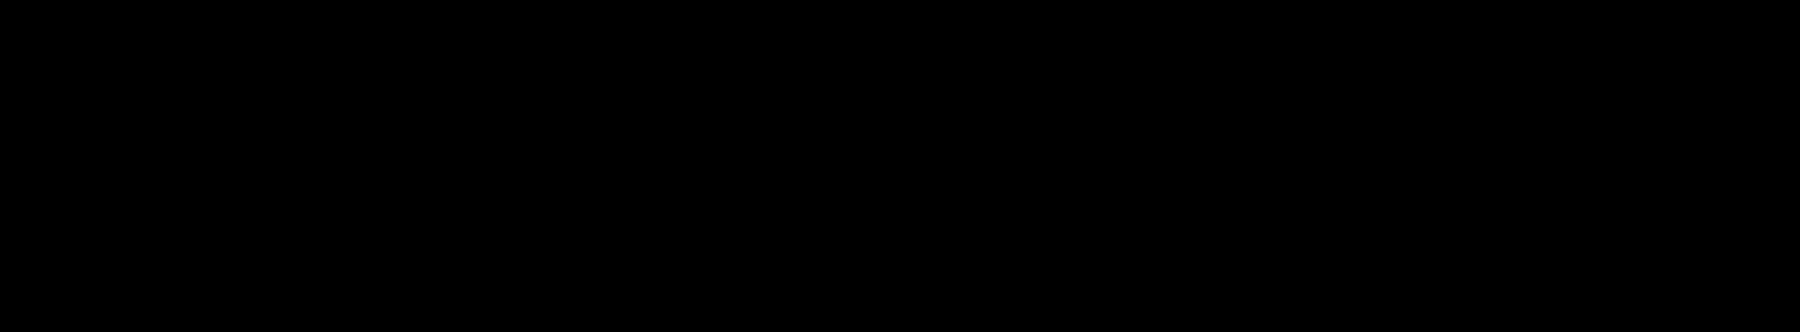 Panorama Musique